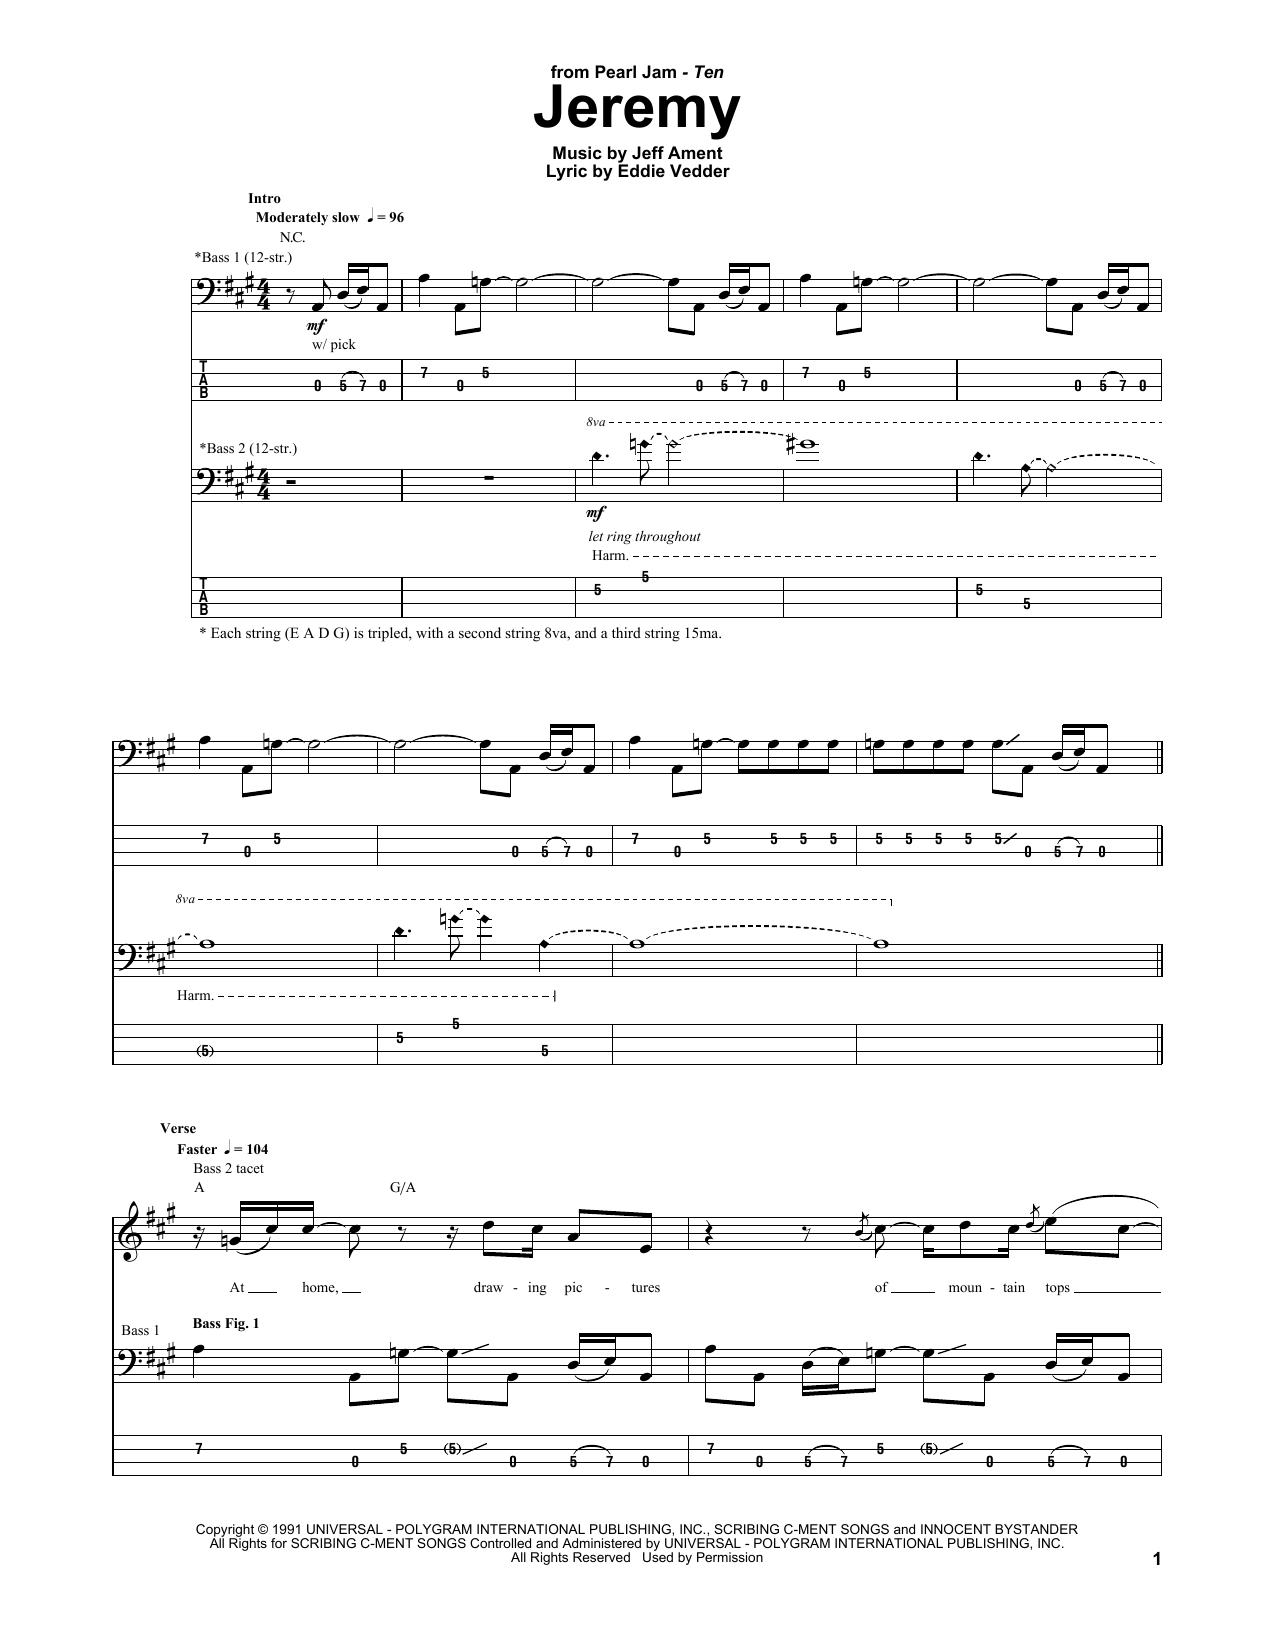 Tablature guitare Jeremy de Pearl Jam - Tablature Basse